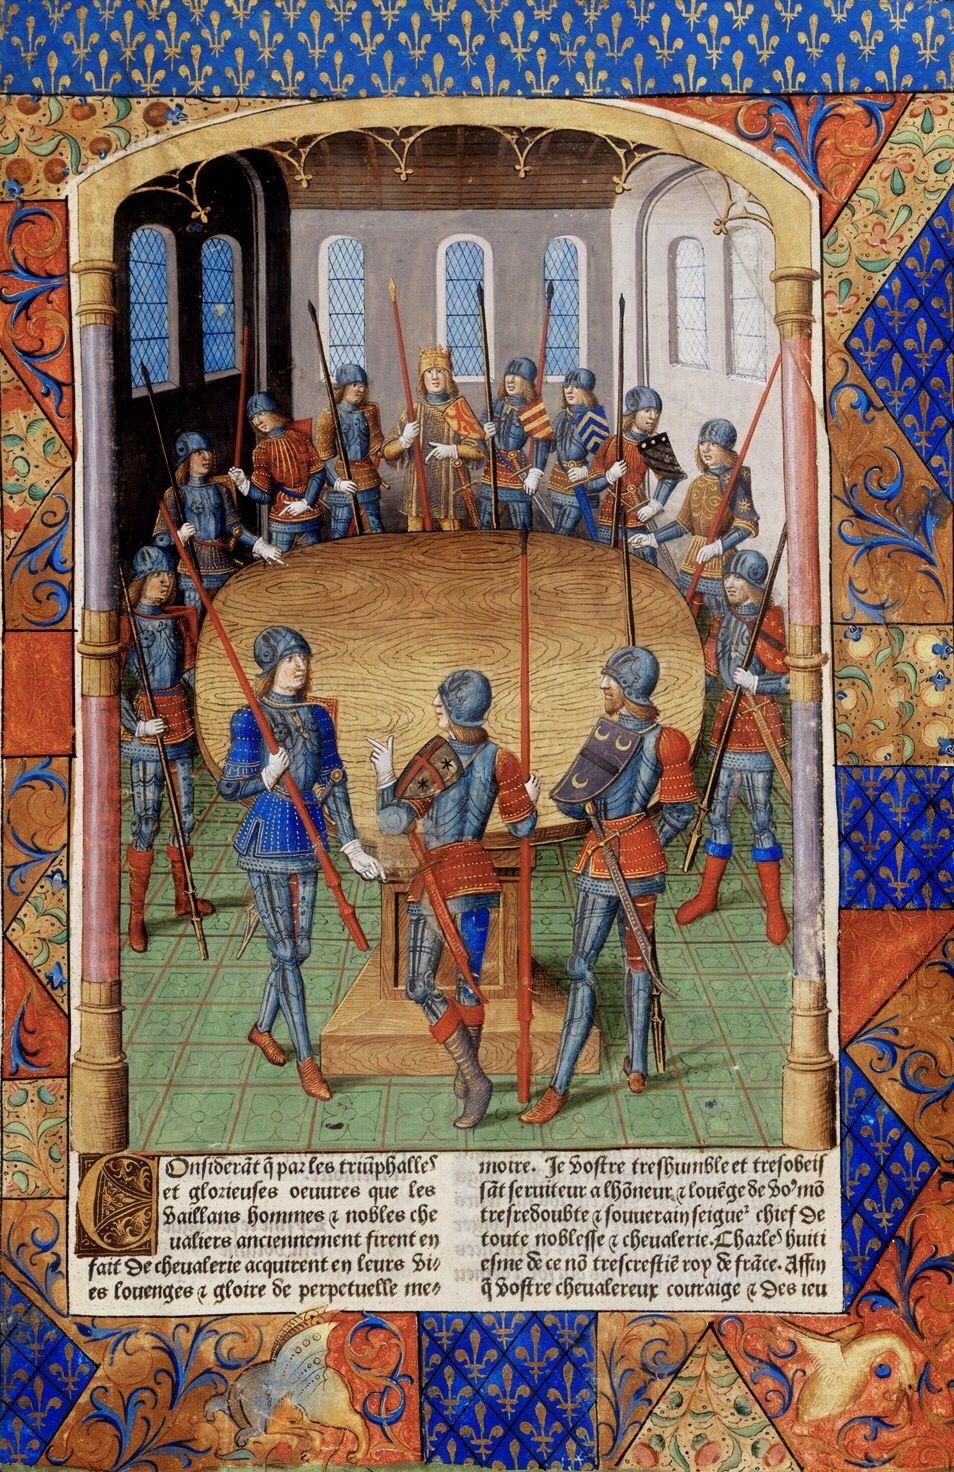 Le Roi Arthur Et Les Chevaliers De La Table Ronde Enluminure Du Maitre Jacques De Besancon Dans Lanc Medieval Paintings Historical Artwork King Arthur Legend